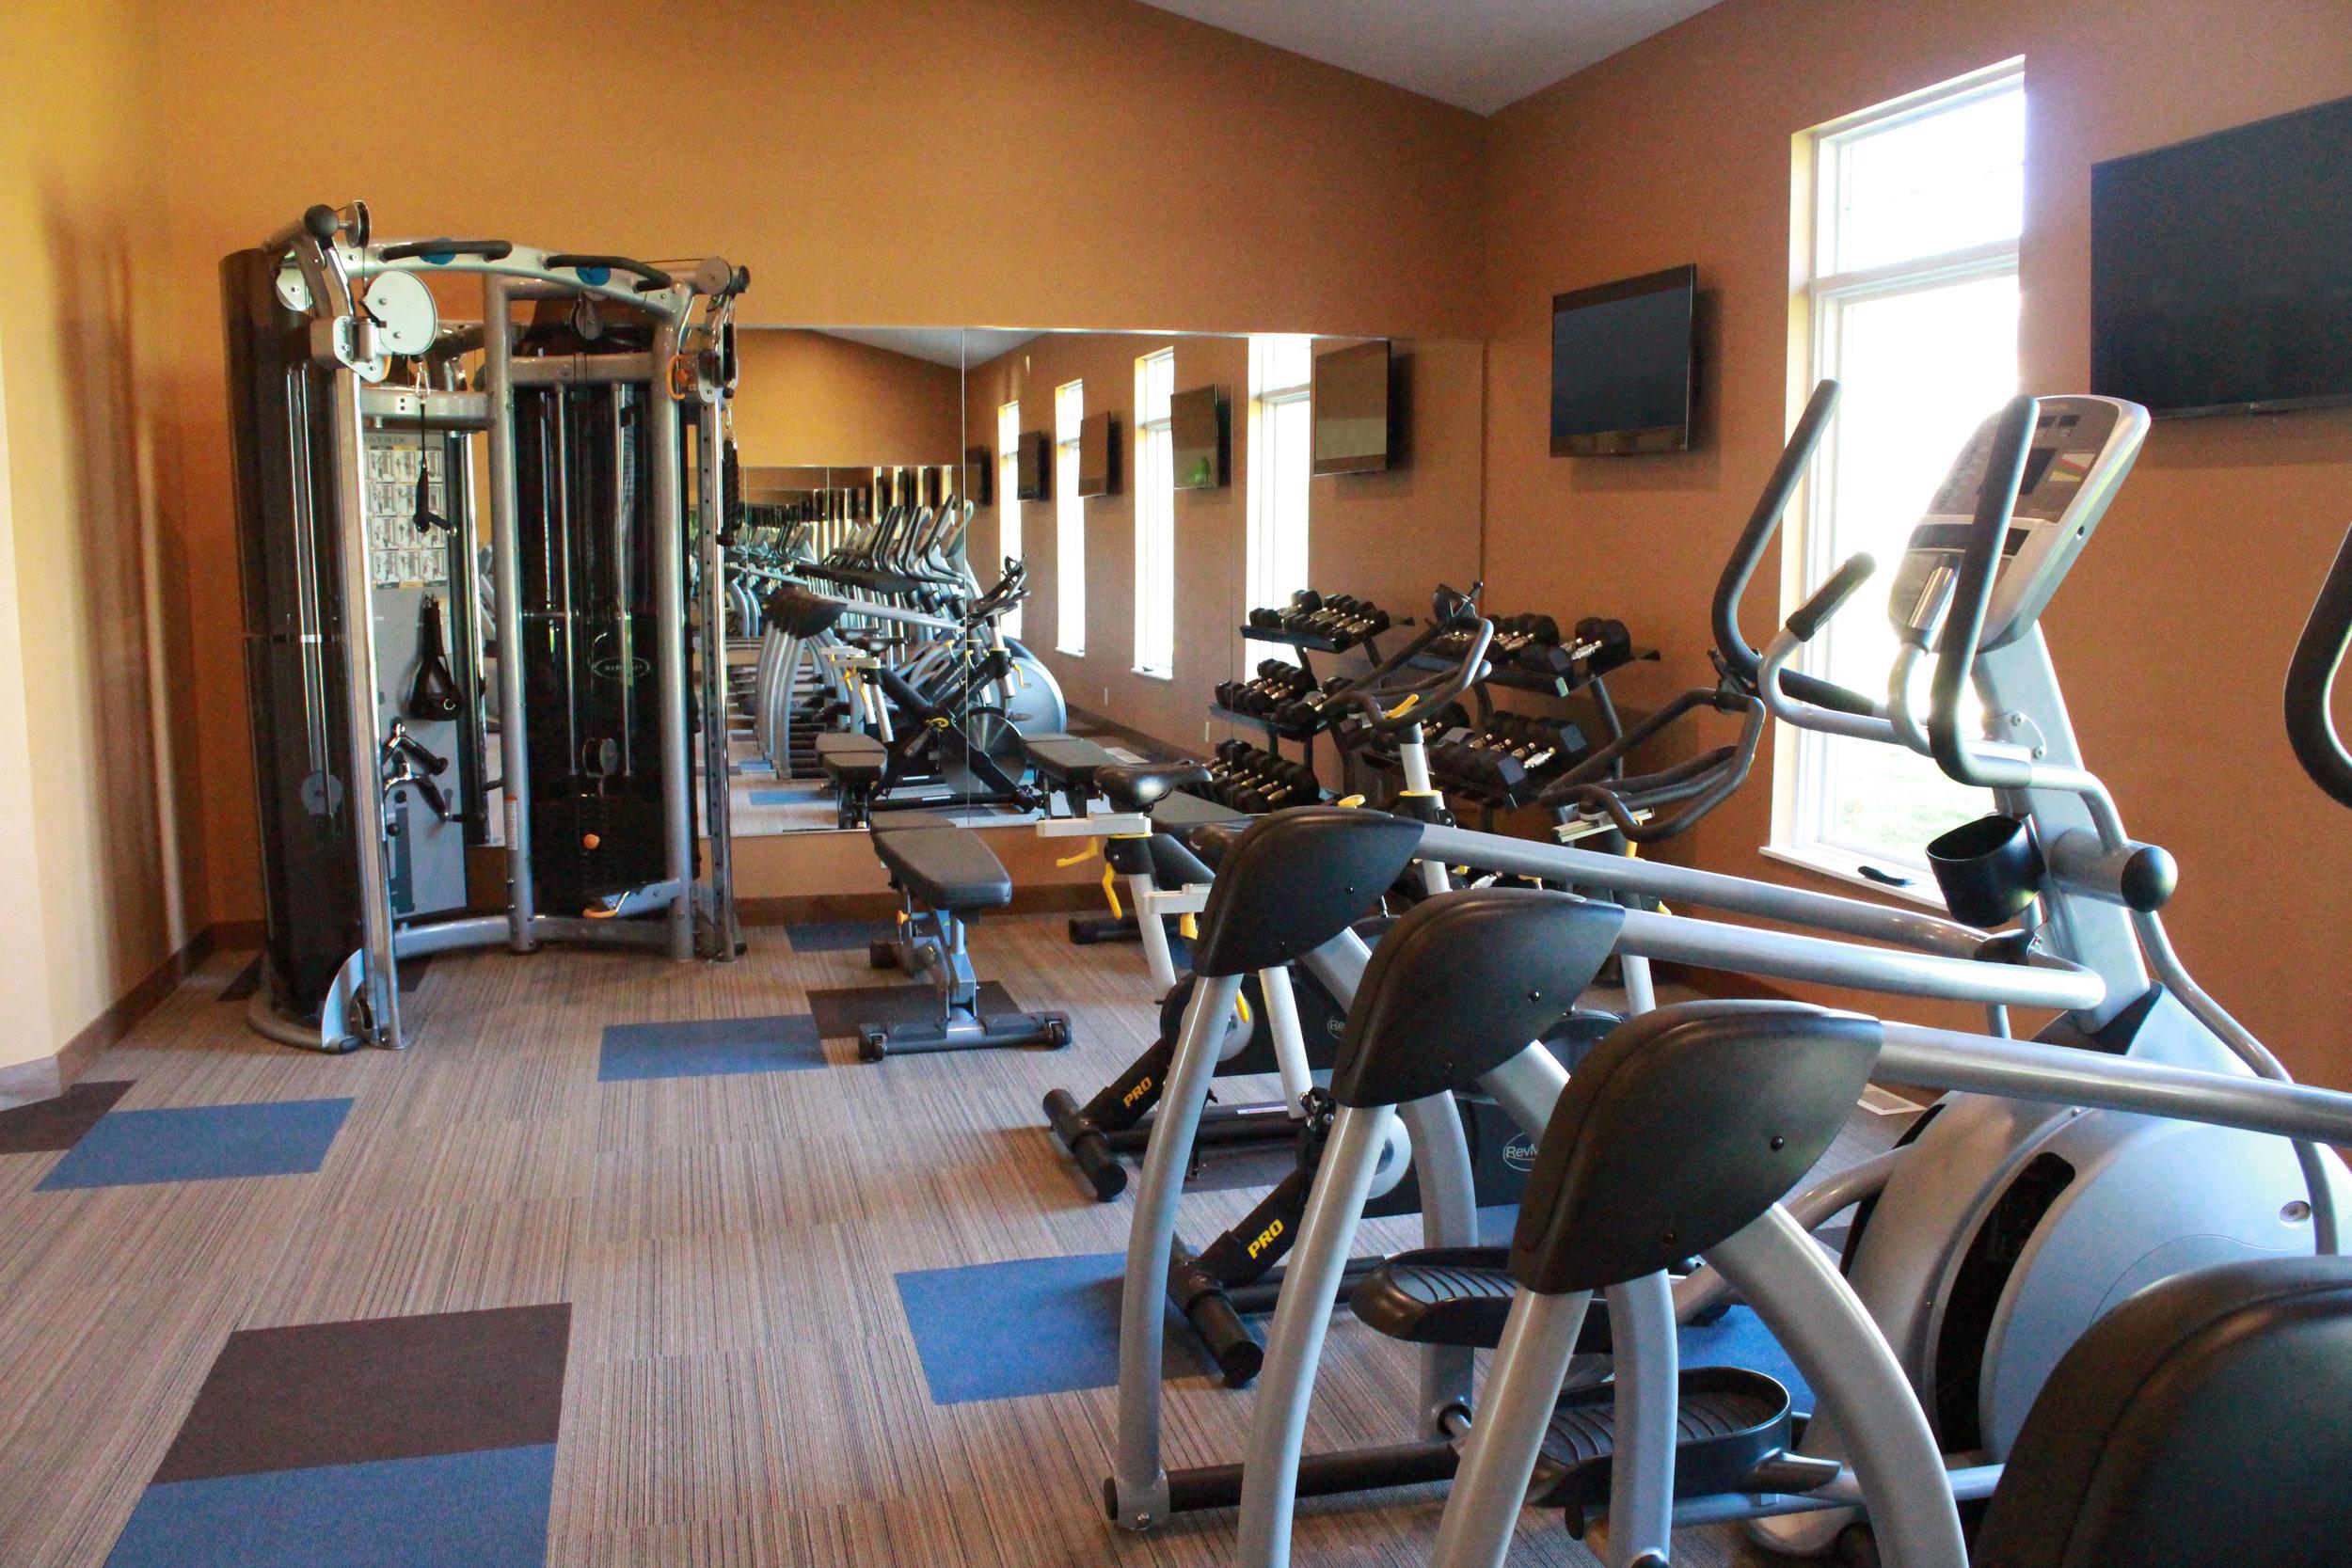 07-State of the Art 24-Hr Fitness Center.jpg